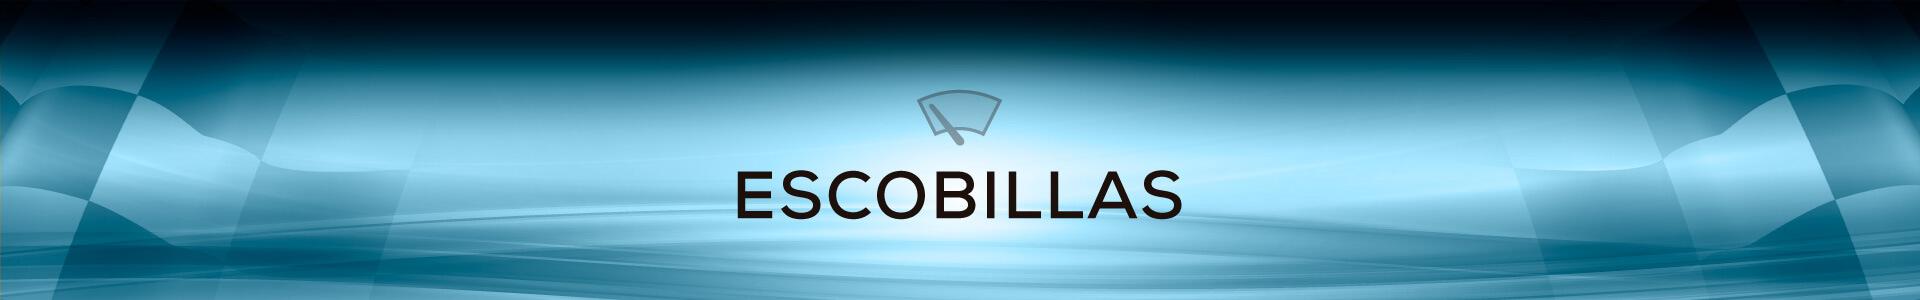 escobillas-1920x300